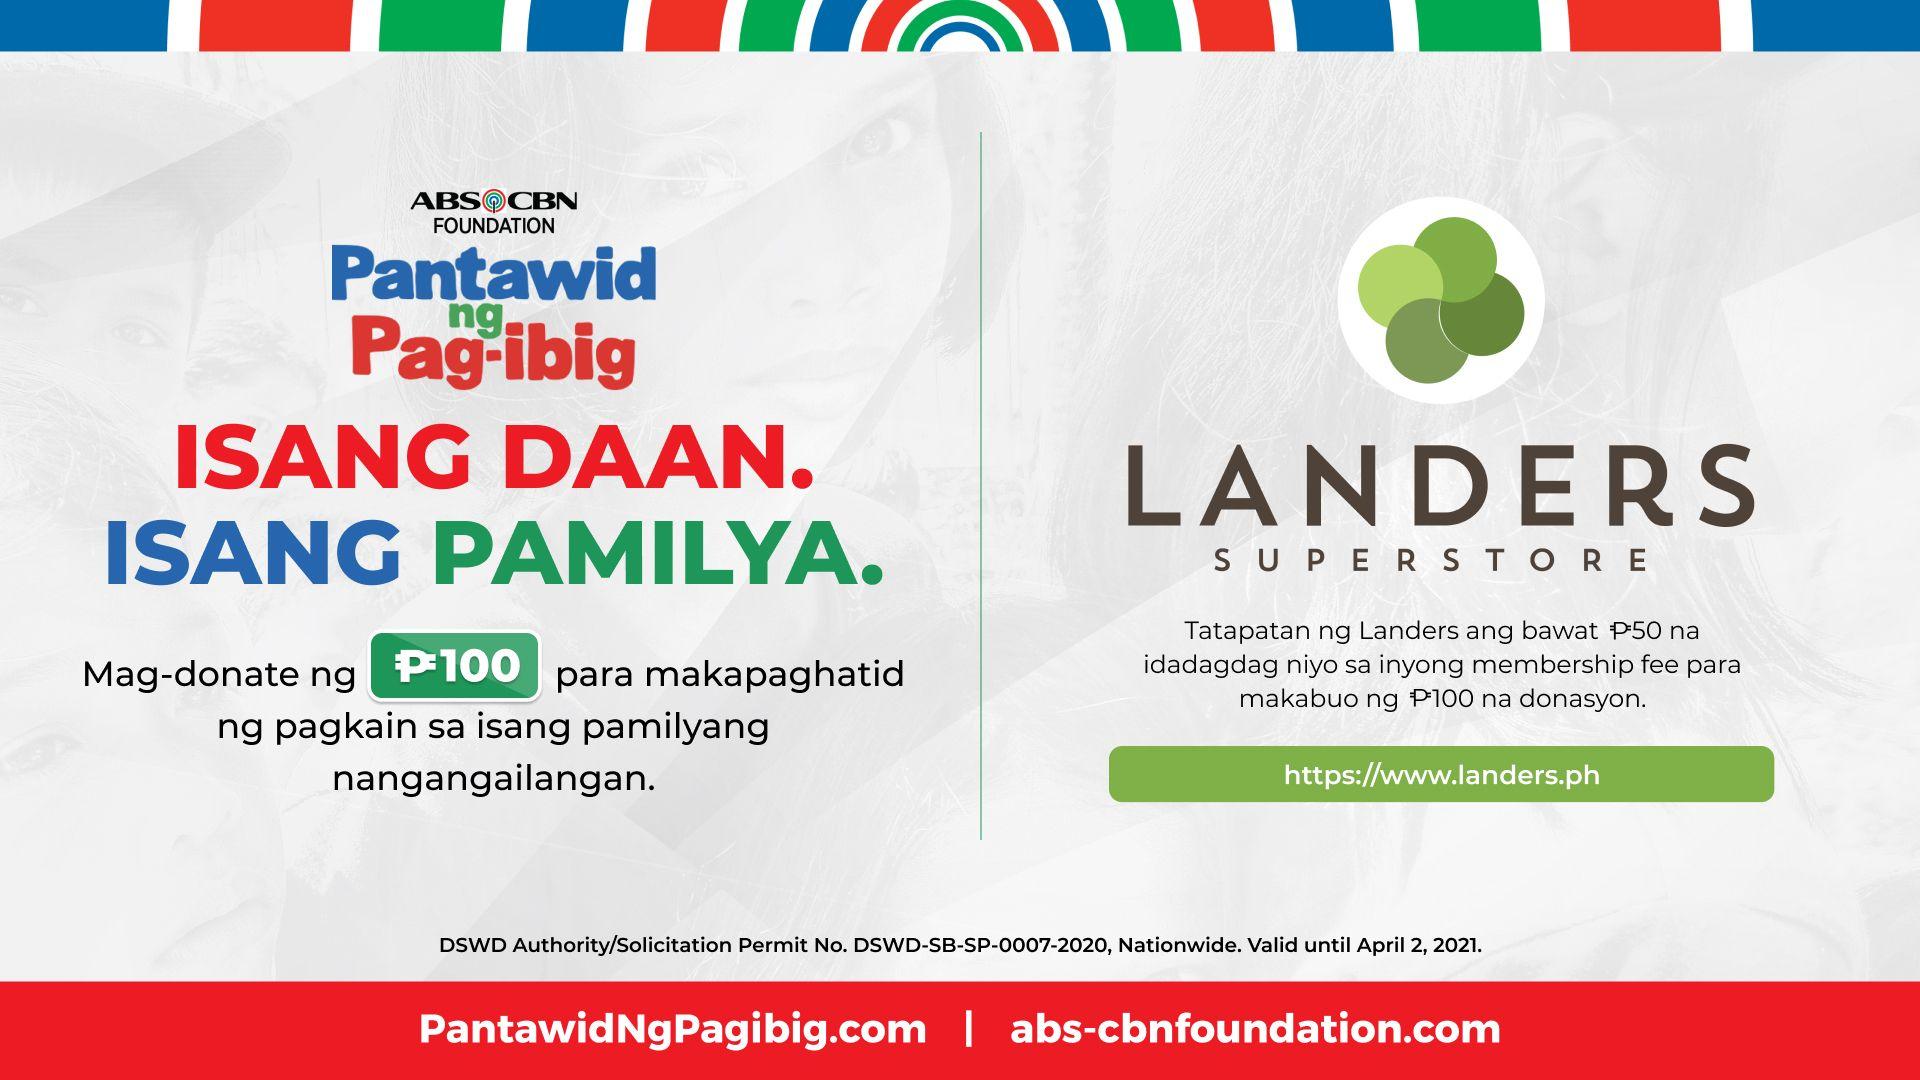 'Pantawid ng Pag-ibig': Relief packs hatid sa 2 barangay sa Polangui, Albay 9